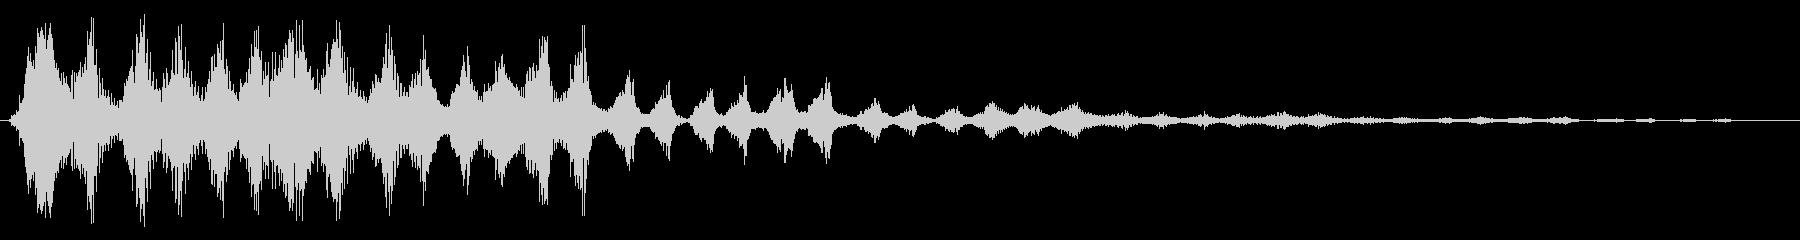 キュルルル(絡みつく)の未再生の波形